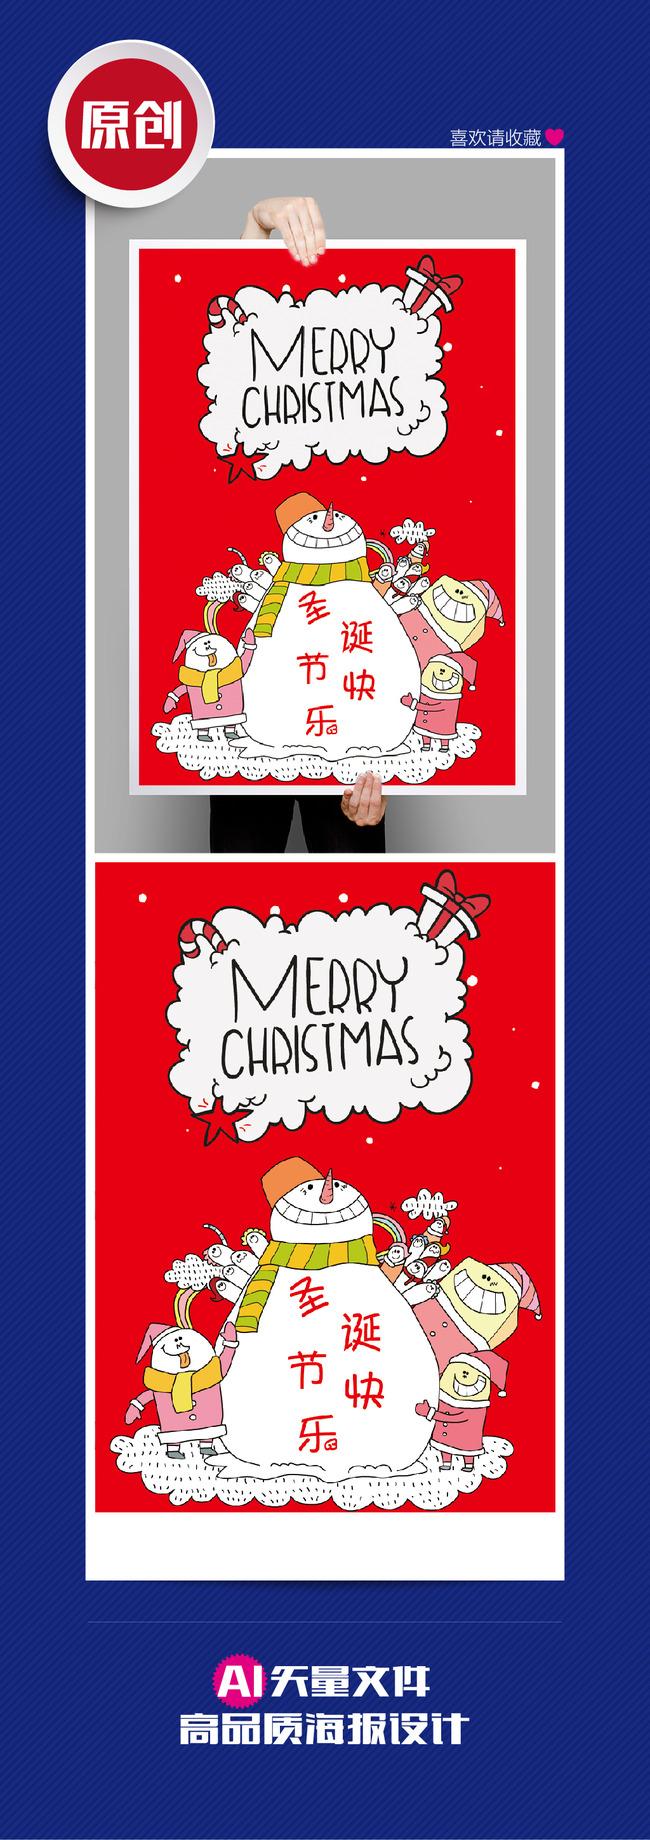 节日海报 手绘海报 圣诞快乐